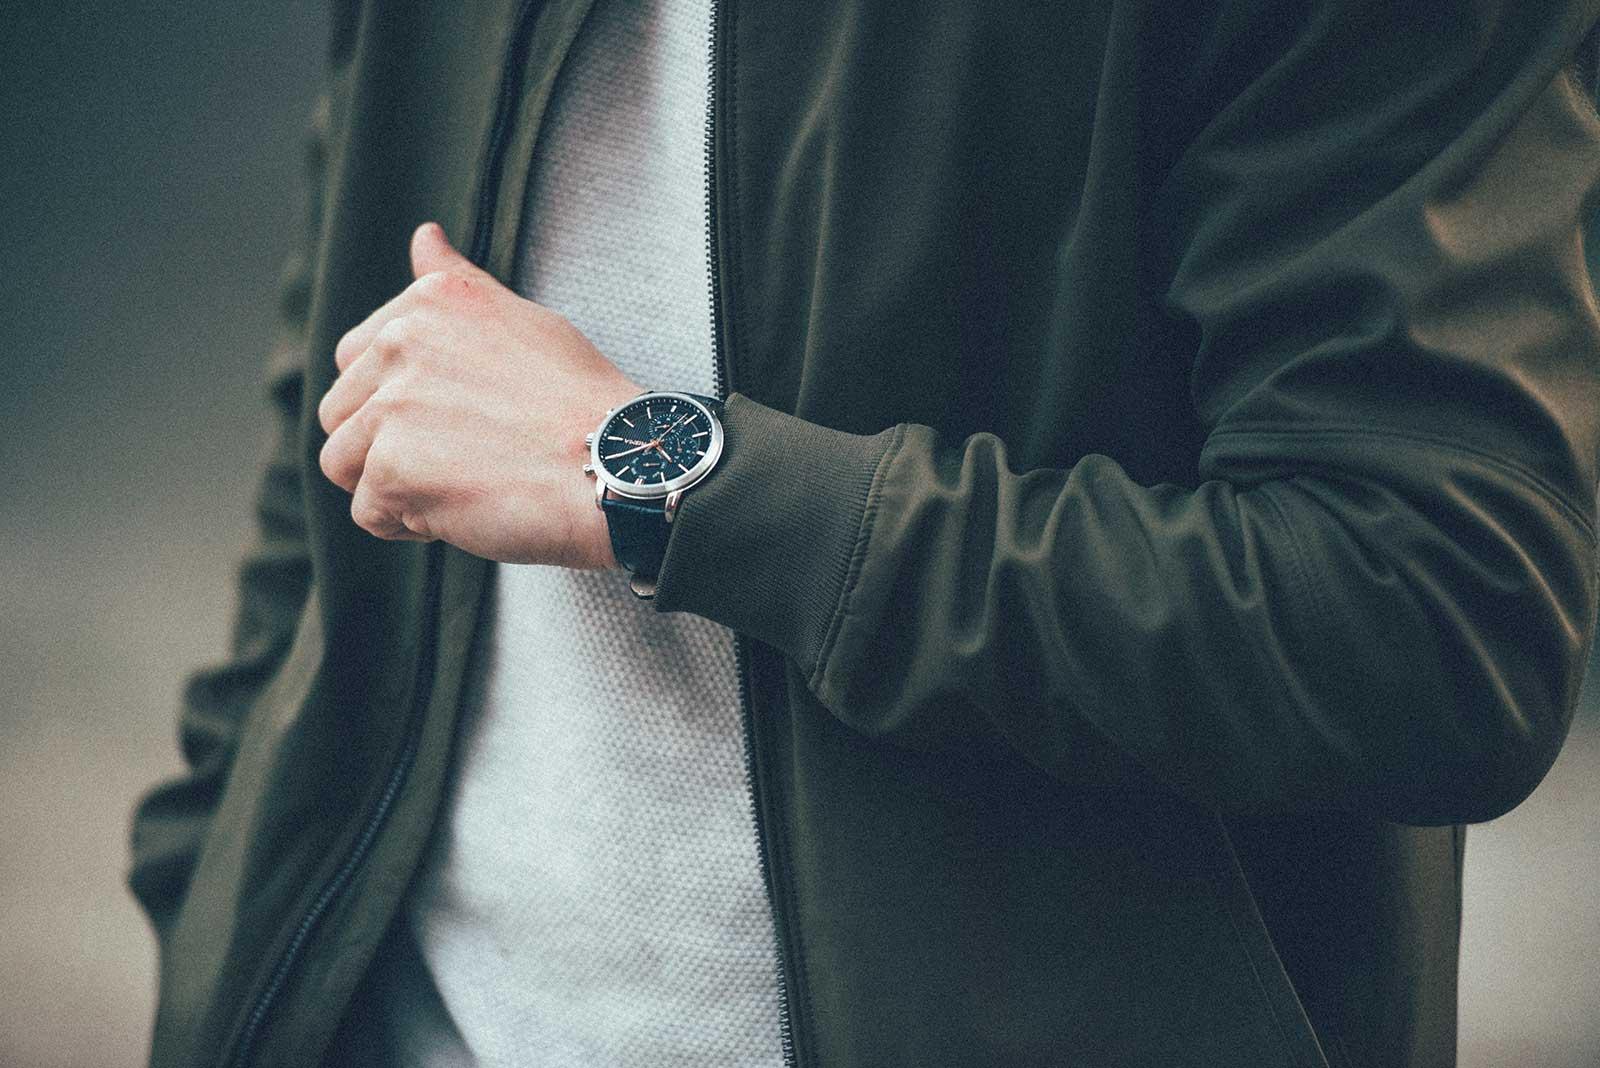 prisma refined horloge watch blauw herenhorloge blue men watch